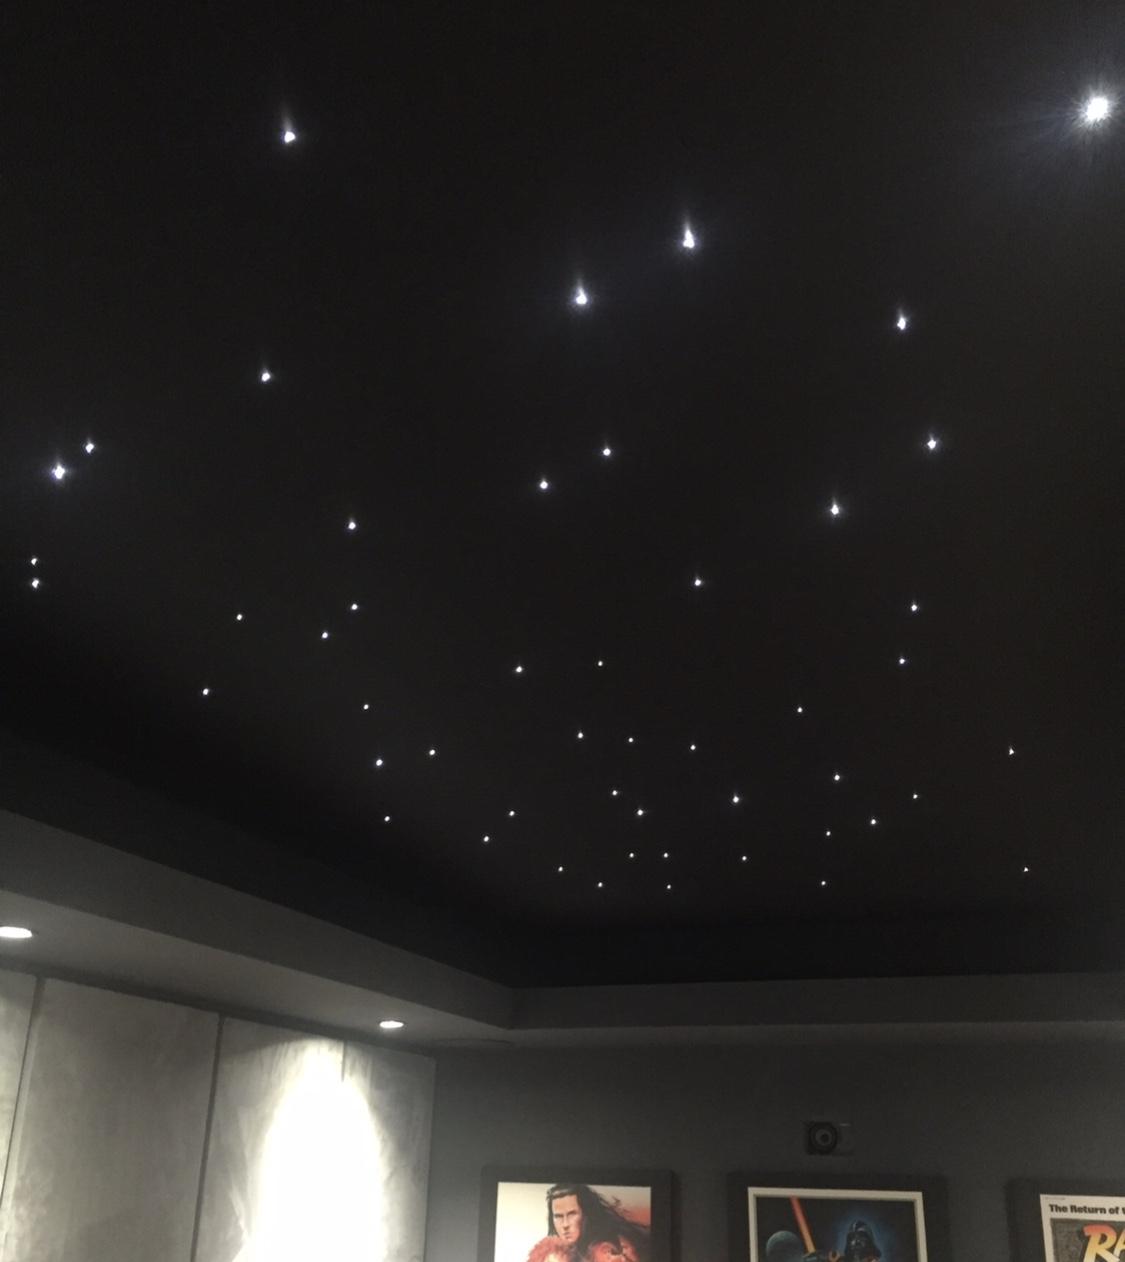 Cinema Ceilings